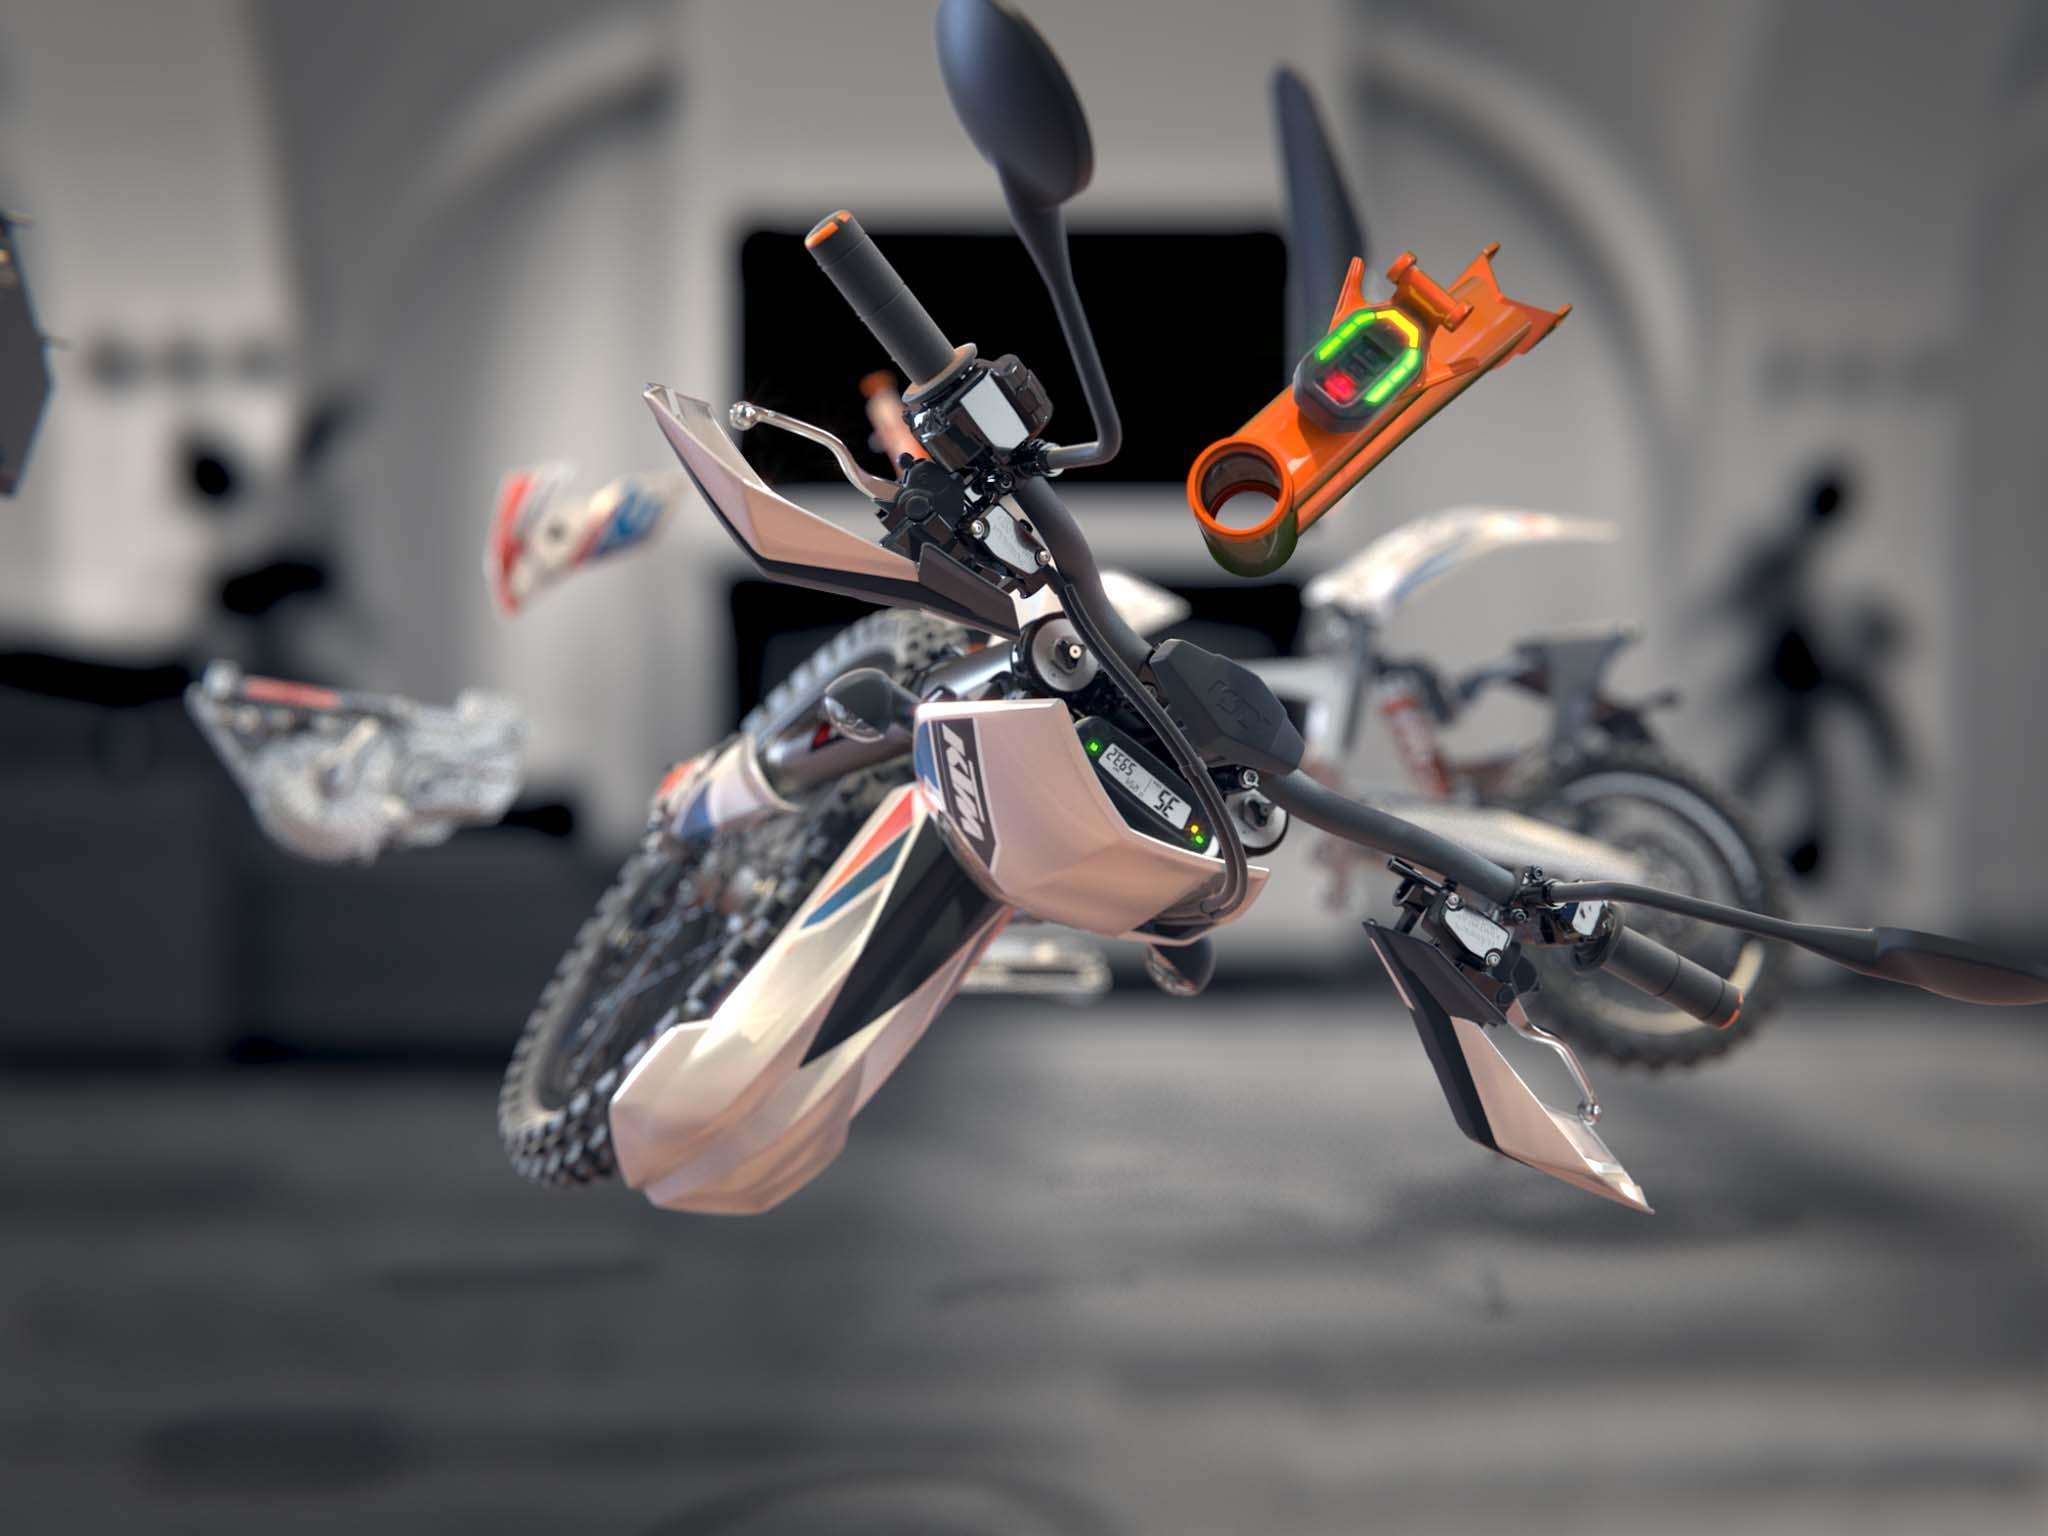 KTM-Freeride-E-electric-dirtbike-E-SX-E-